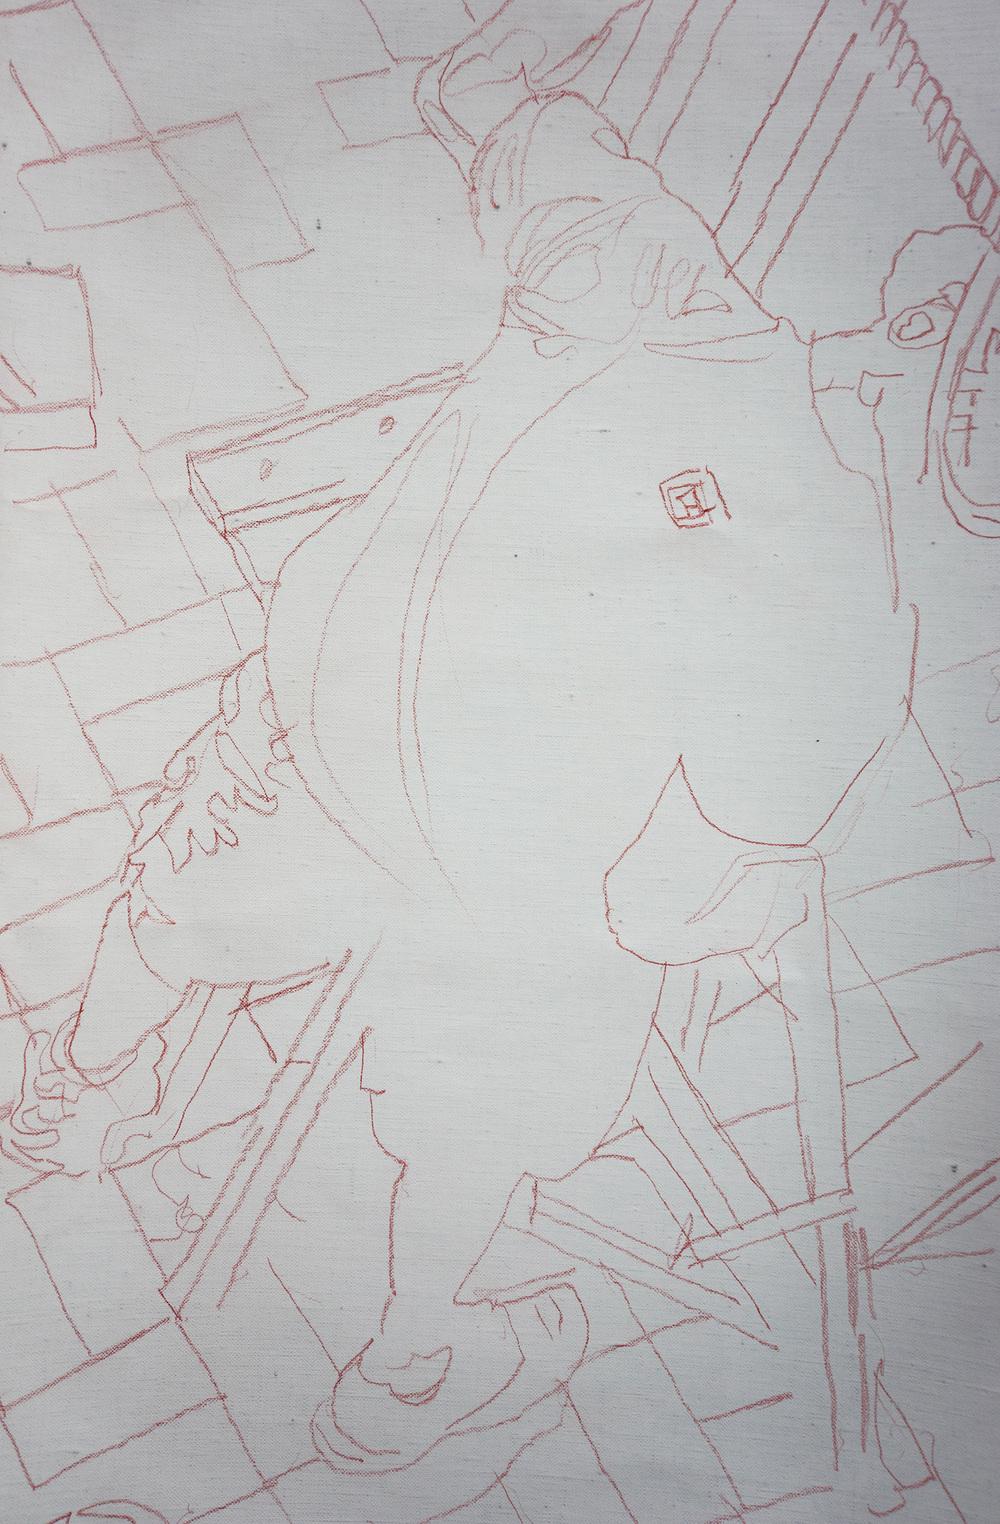 site-6-23-15 Parade 45 drawing-DETAIL.jpg